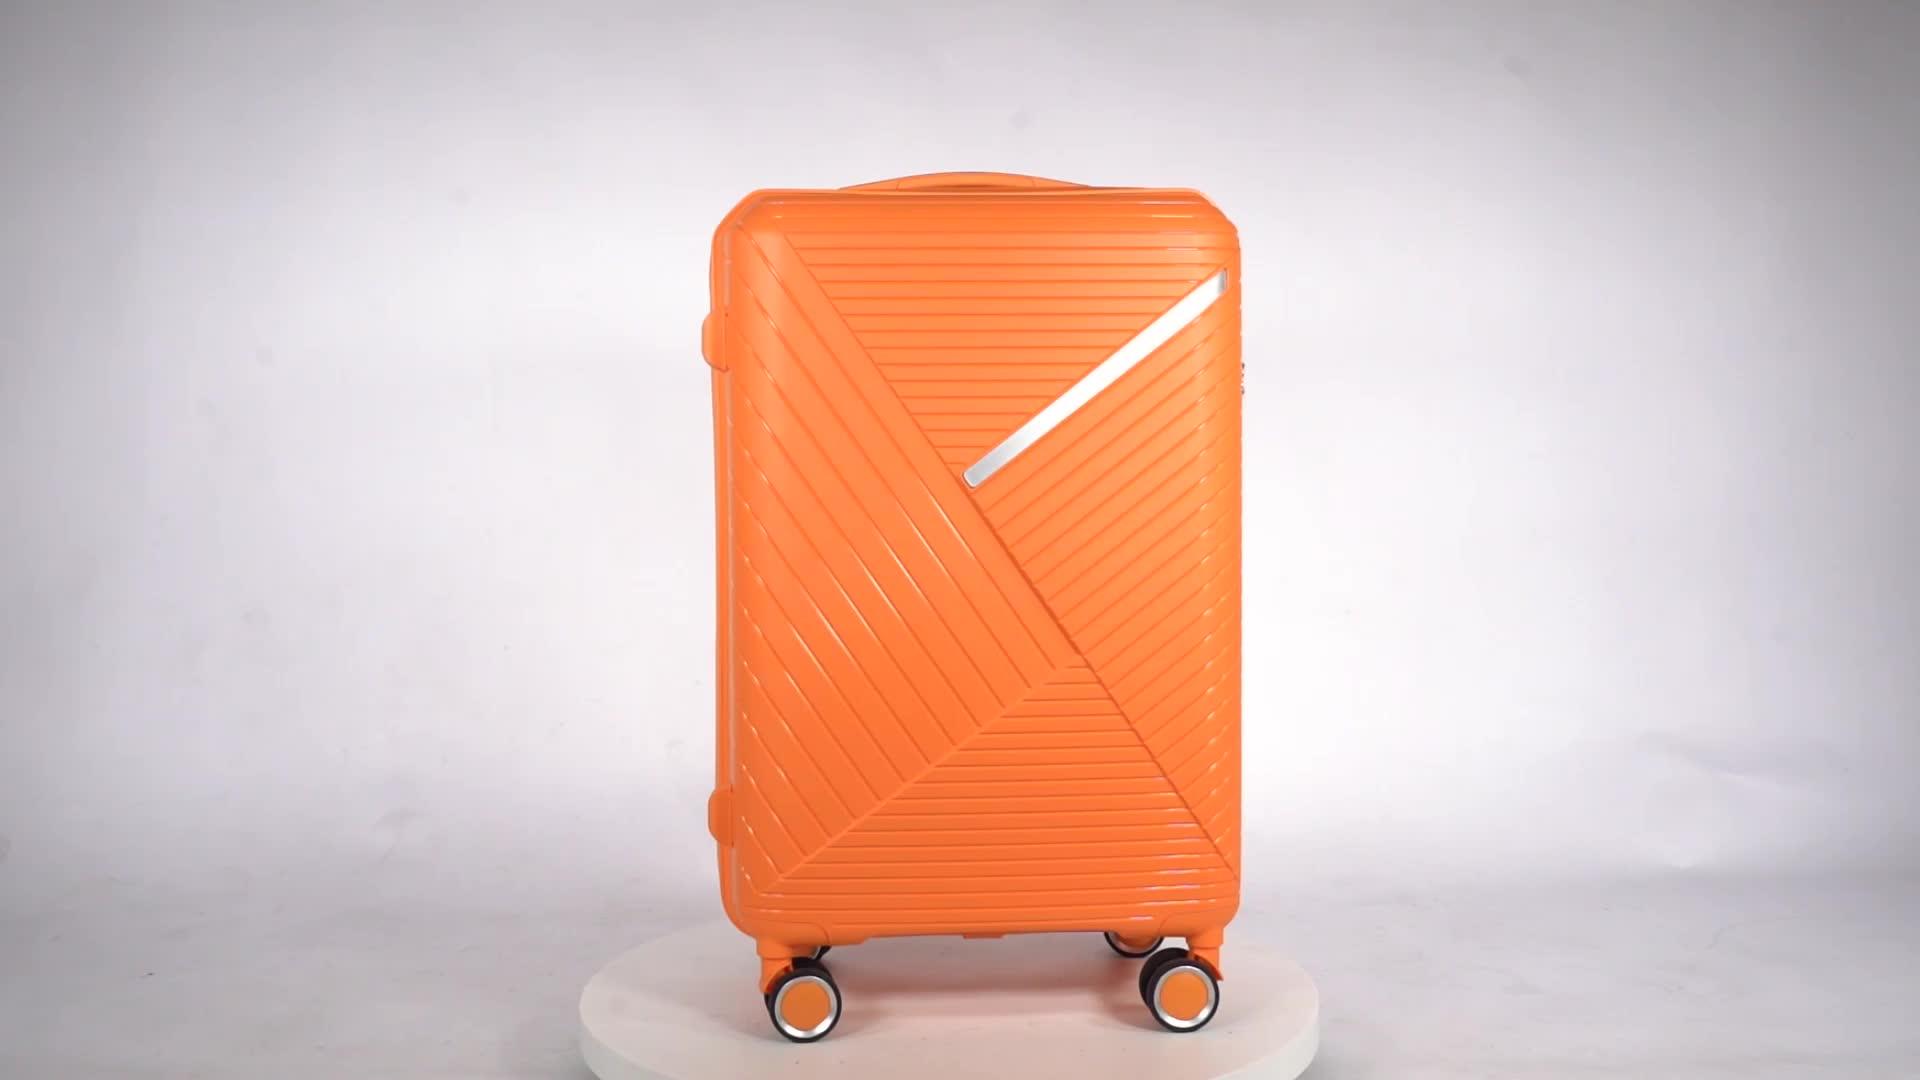 Новый стиль, чемодан для переноски, новый модный дизайн, полипропиленовые багажные комплекты на колесиках для бизнеса/путешествий